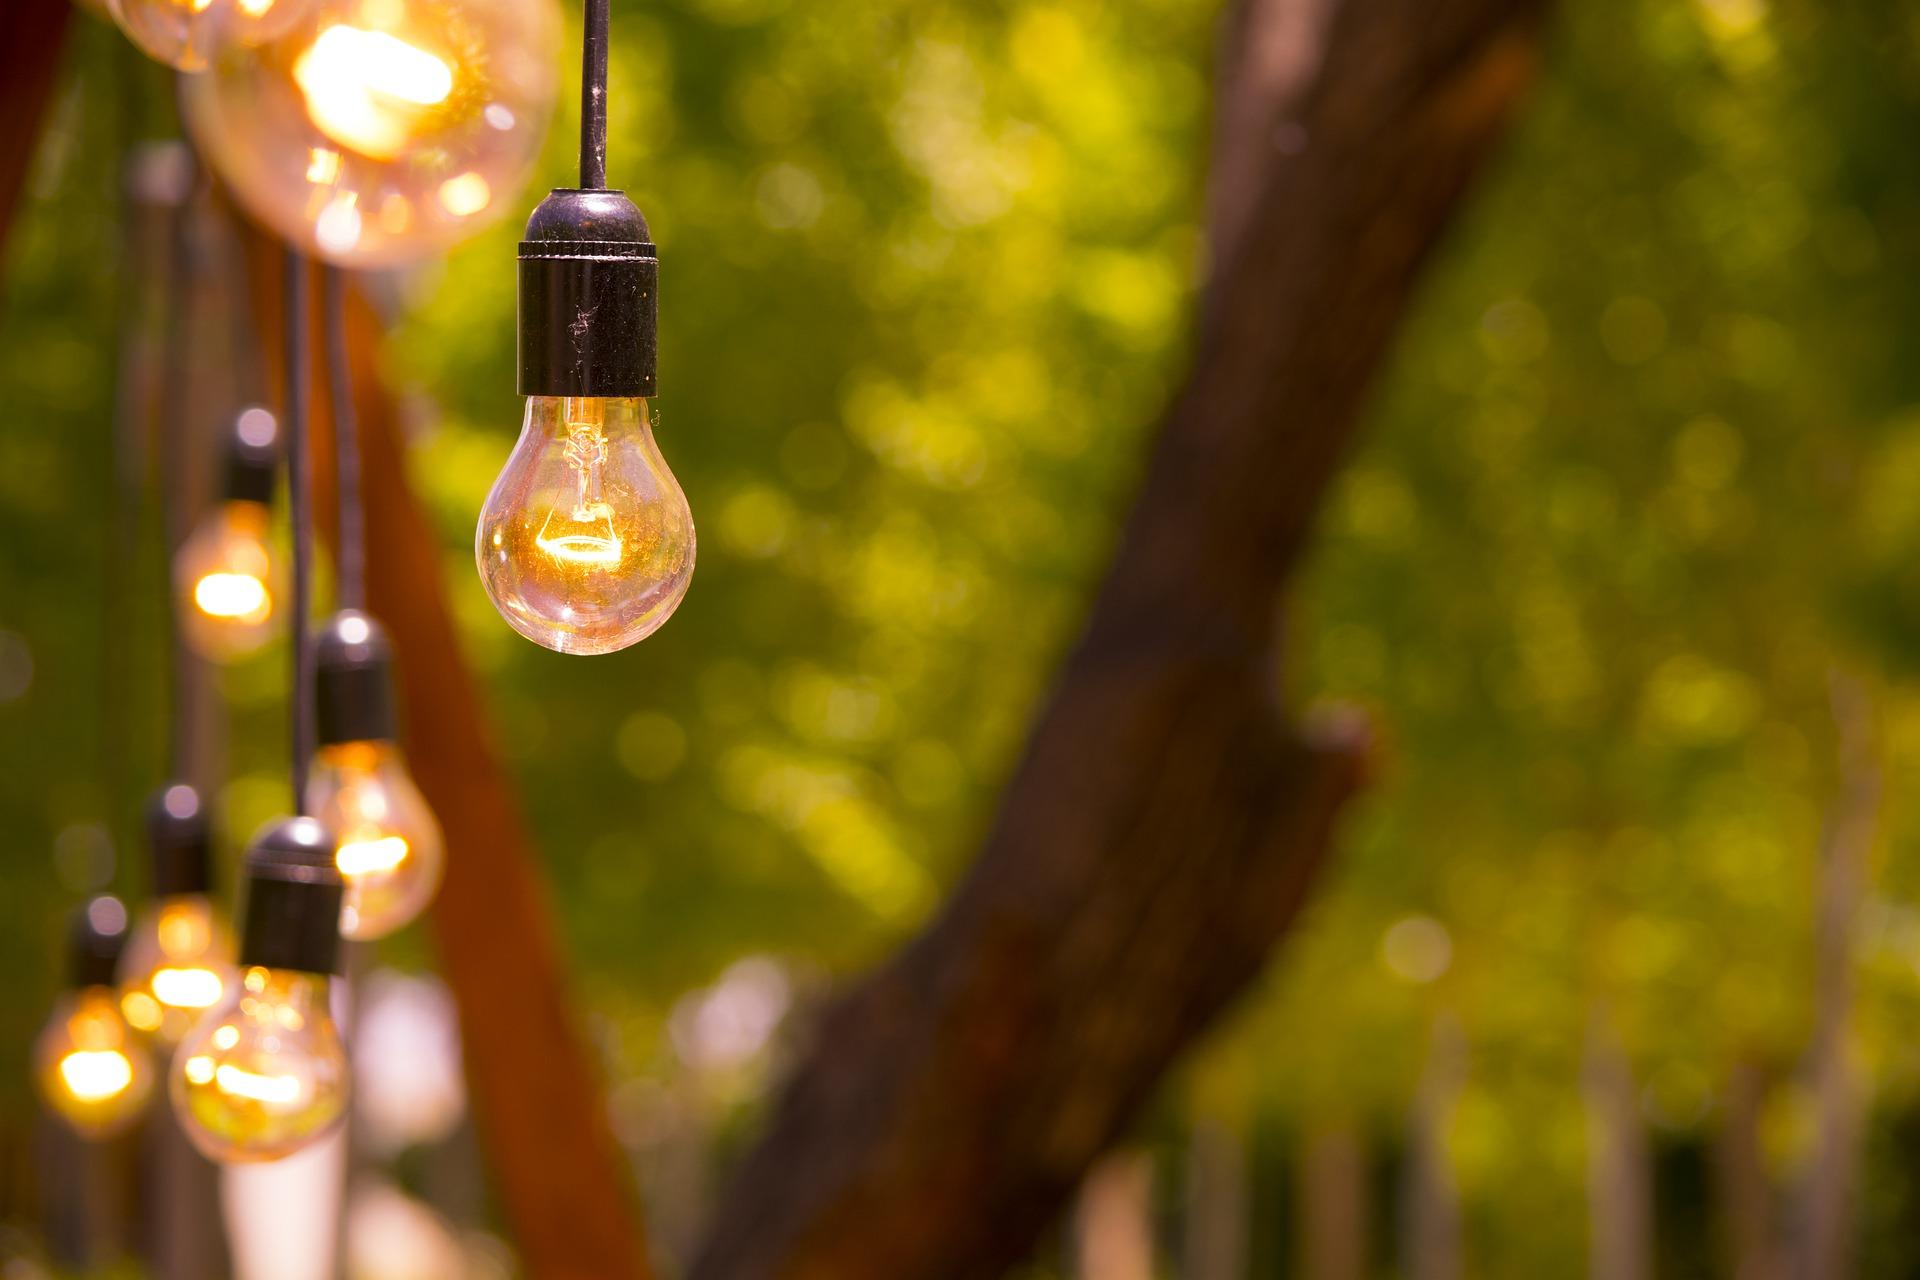 Světelné LED dekorace: 5 tipů, jak stylově rozsvítit váš domov